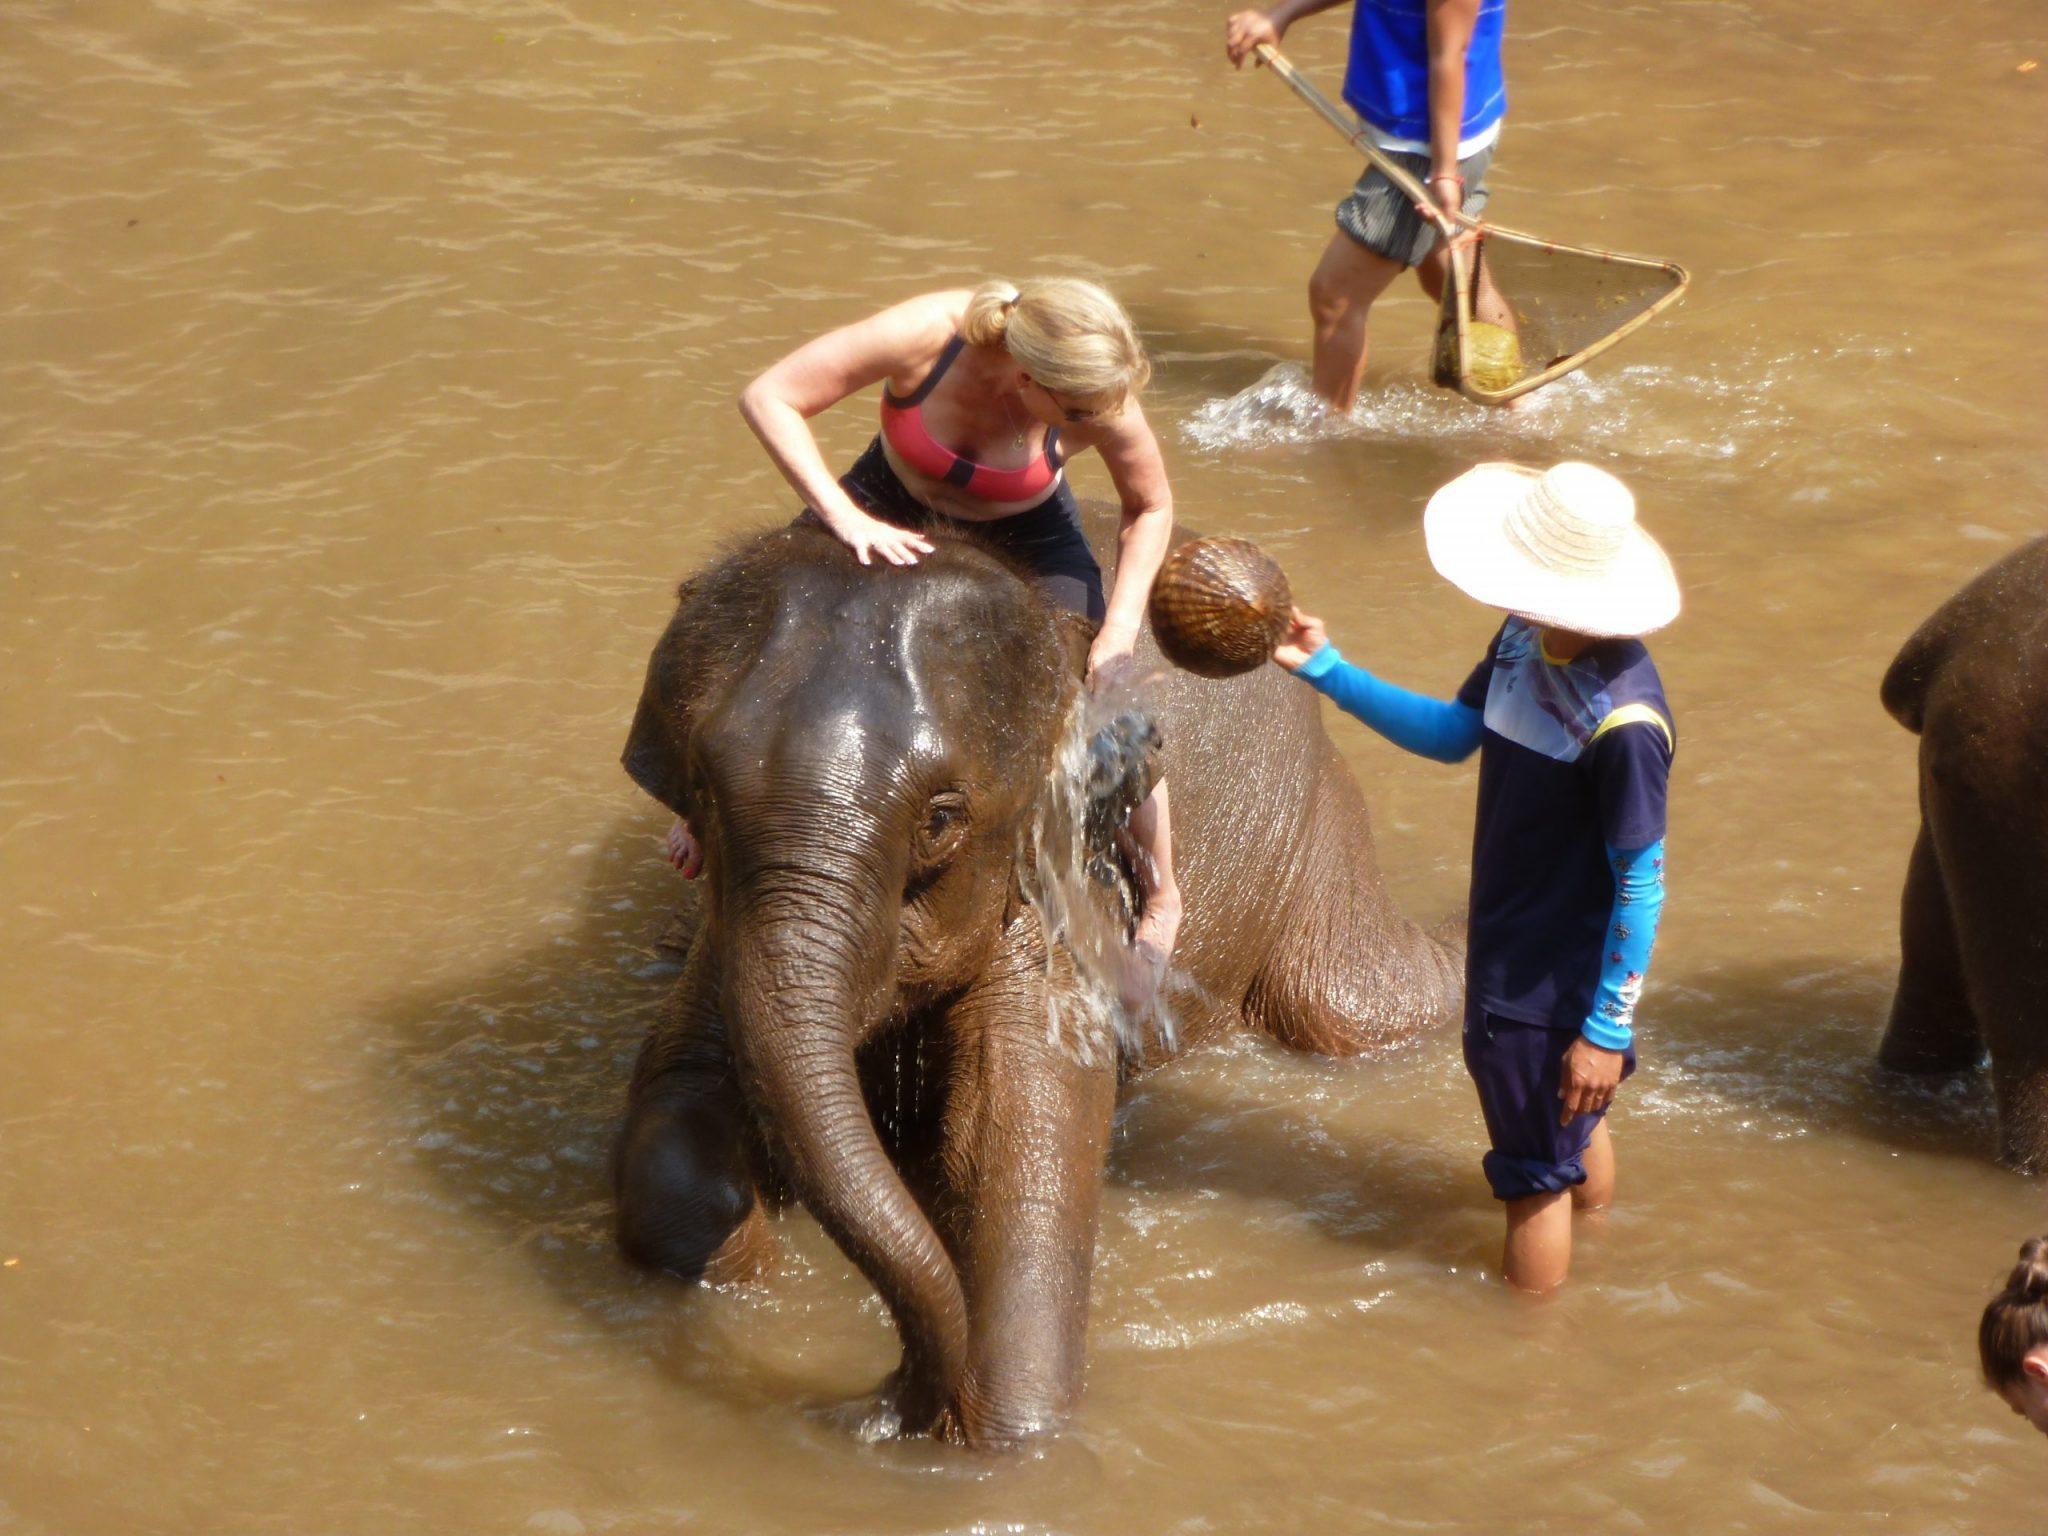 Elephant taking a bath, copyright ANIMONDIAL